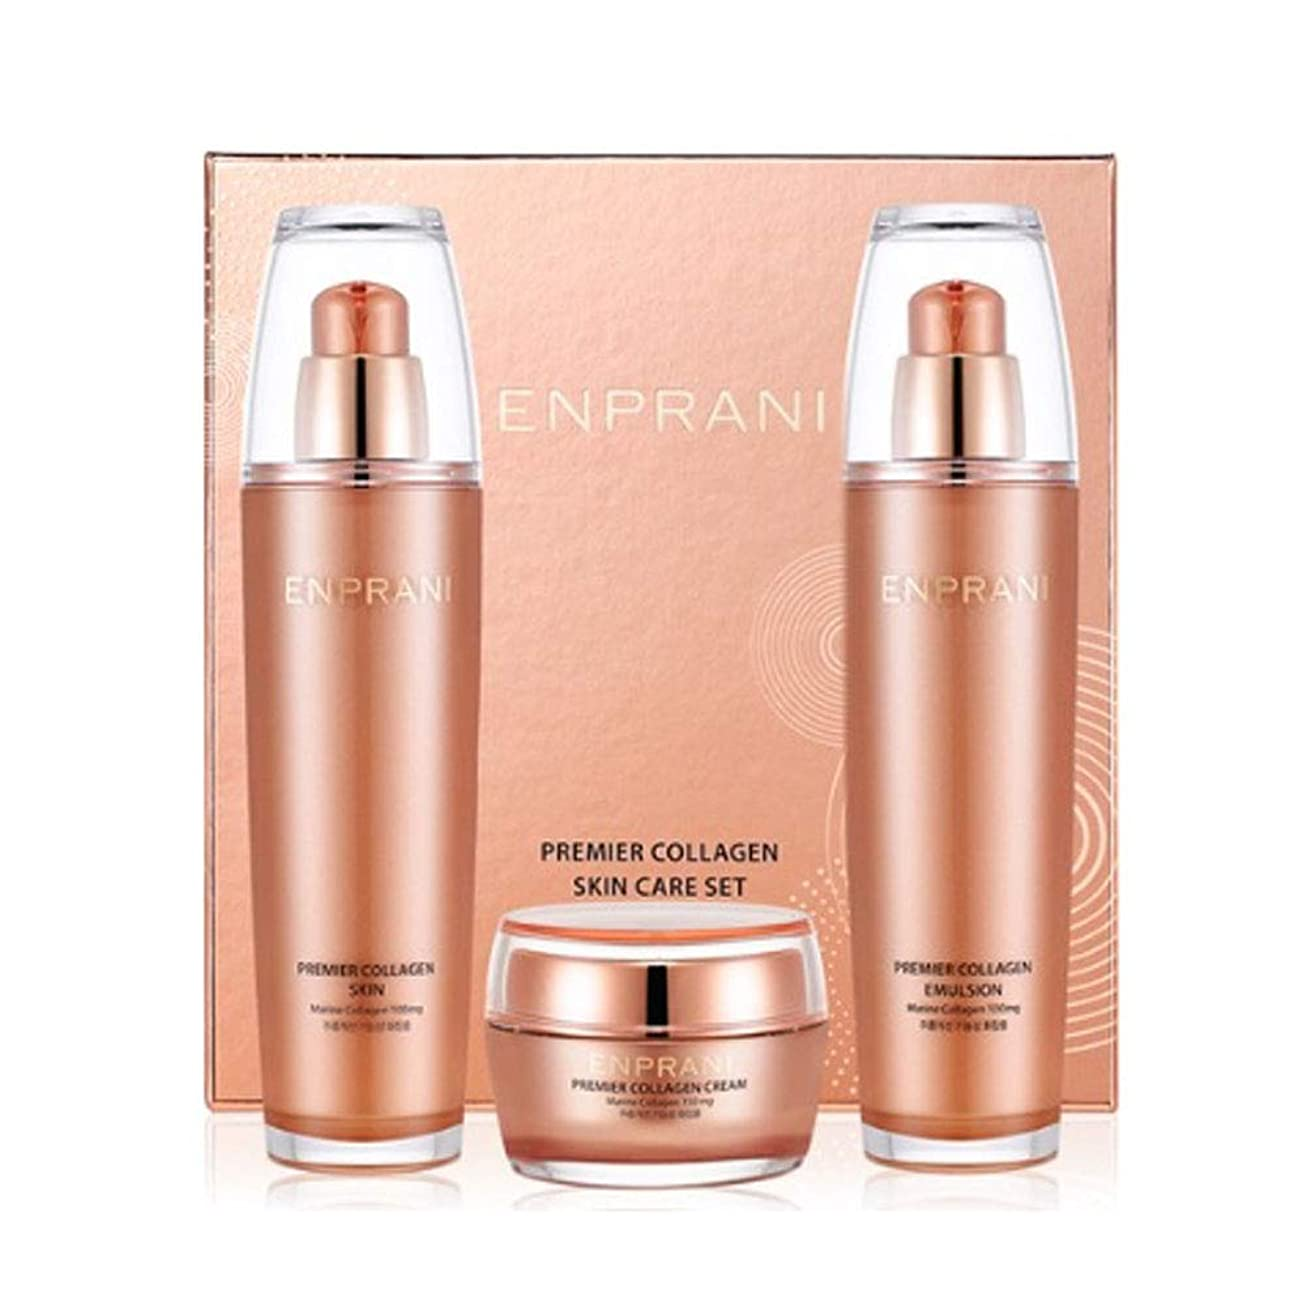 バッジ寄付掘るエンプラニ?プレミアコラーゲンセット(スキン125ml、エマルジョン125ml、クリーム50ml)、Enprani Premier Collagen Set (Skin、Emulsion、Cream) [並行輸入品]